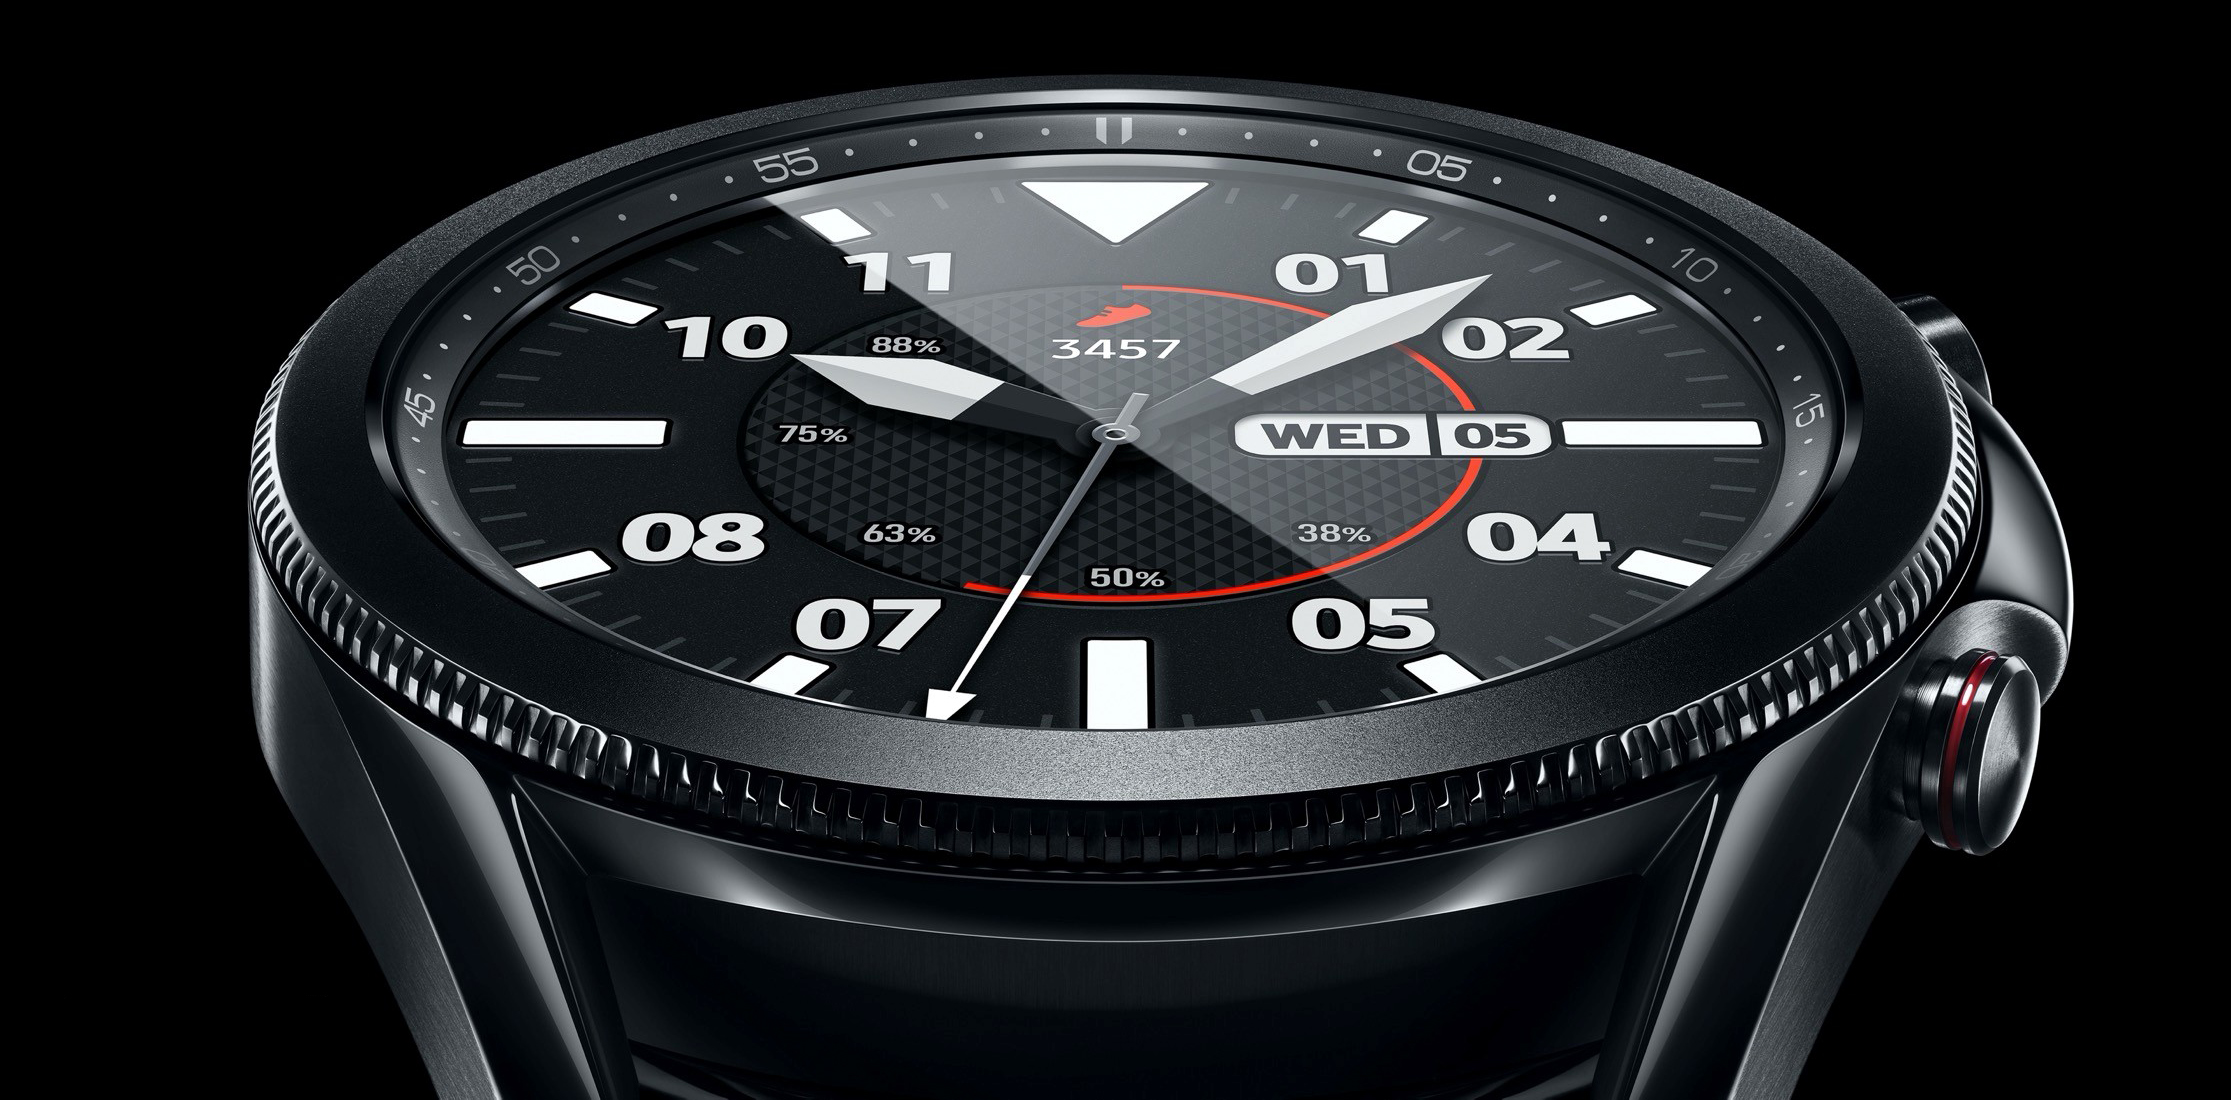 Samsung Galaxy Watch 3 Mystic Silver